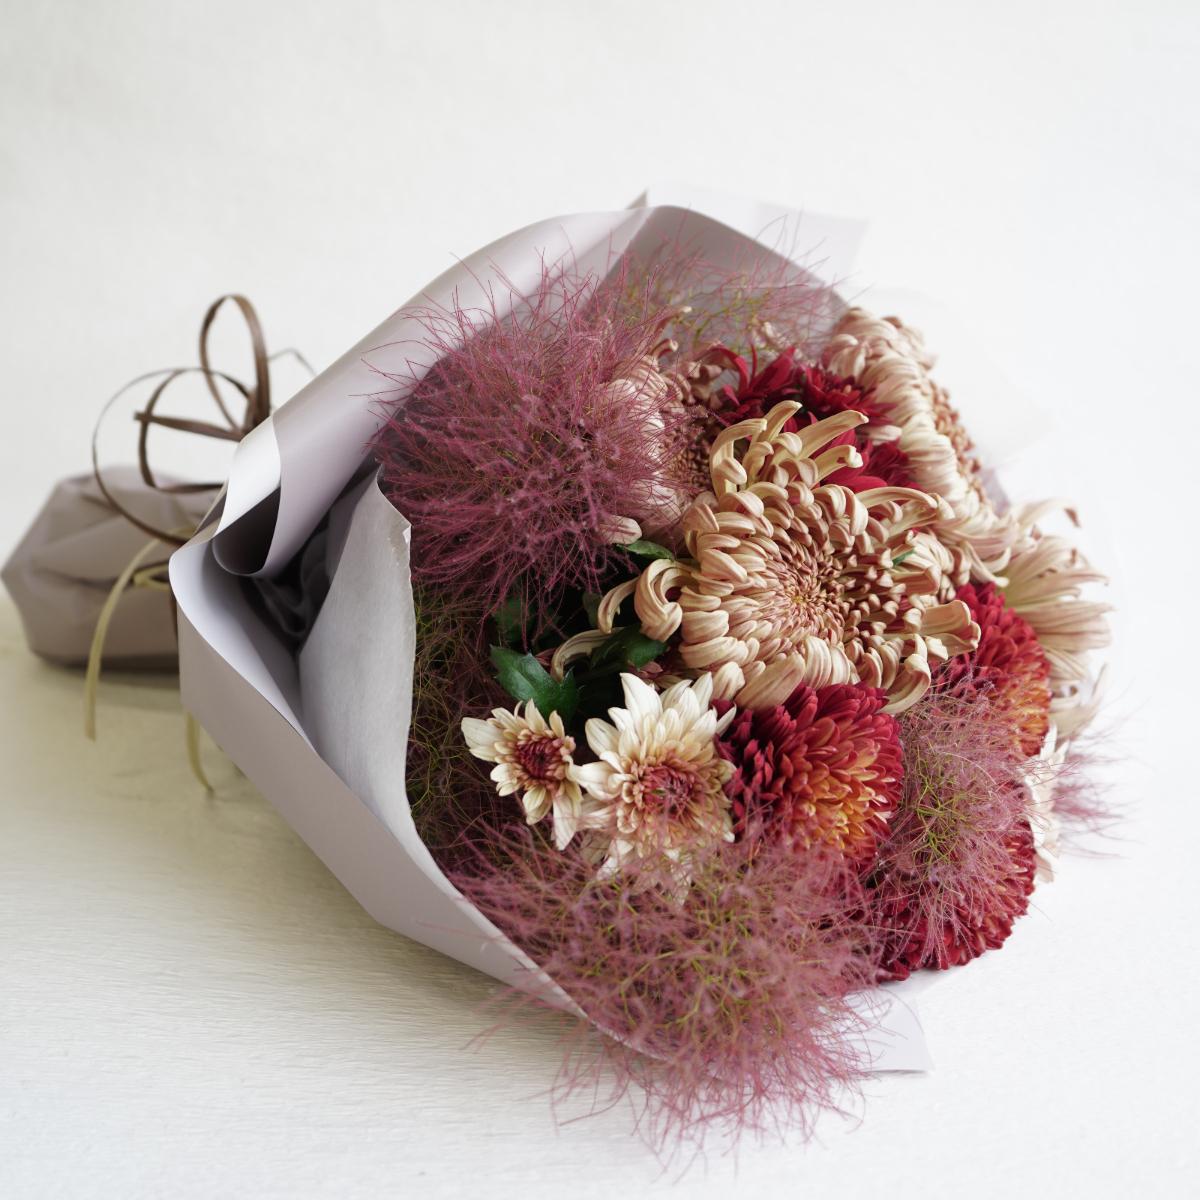 菊生産者が作ったマムが主役の花束 鮮度抜群 すべて国産の花材を使用しております 花束専用箱でお送りします 配送日指定可 新鮮なマム 菊 新作送料無料 が主役の花束 お花の好きな人へ 冷蔵便でお届け 送料無料 北海道 フラワーギフト還暦祝い退職祝い送別会 生産者 沖縄 誕生日プレゼント 東北は+300円でOK 一部地域を除く 古希 即納最大半額 国産 お祝い 生花 母 喜寿